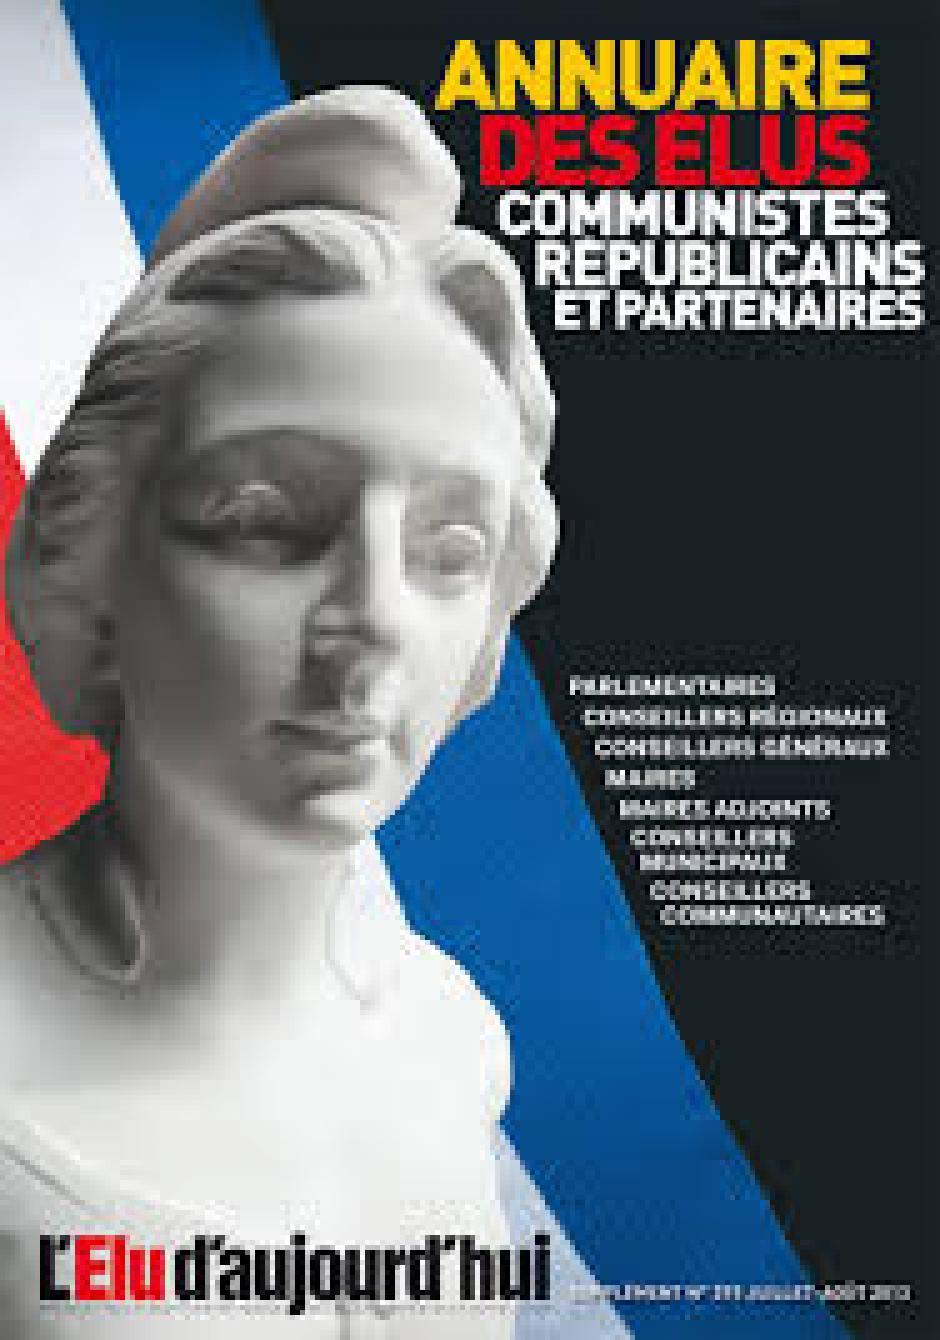 Les transformations sociologiques des élus municipaux communistes de la banlieue parisienne, Samir Hadj Belgacem*